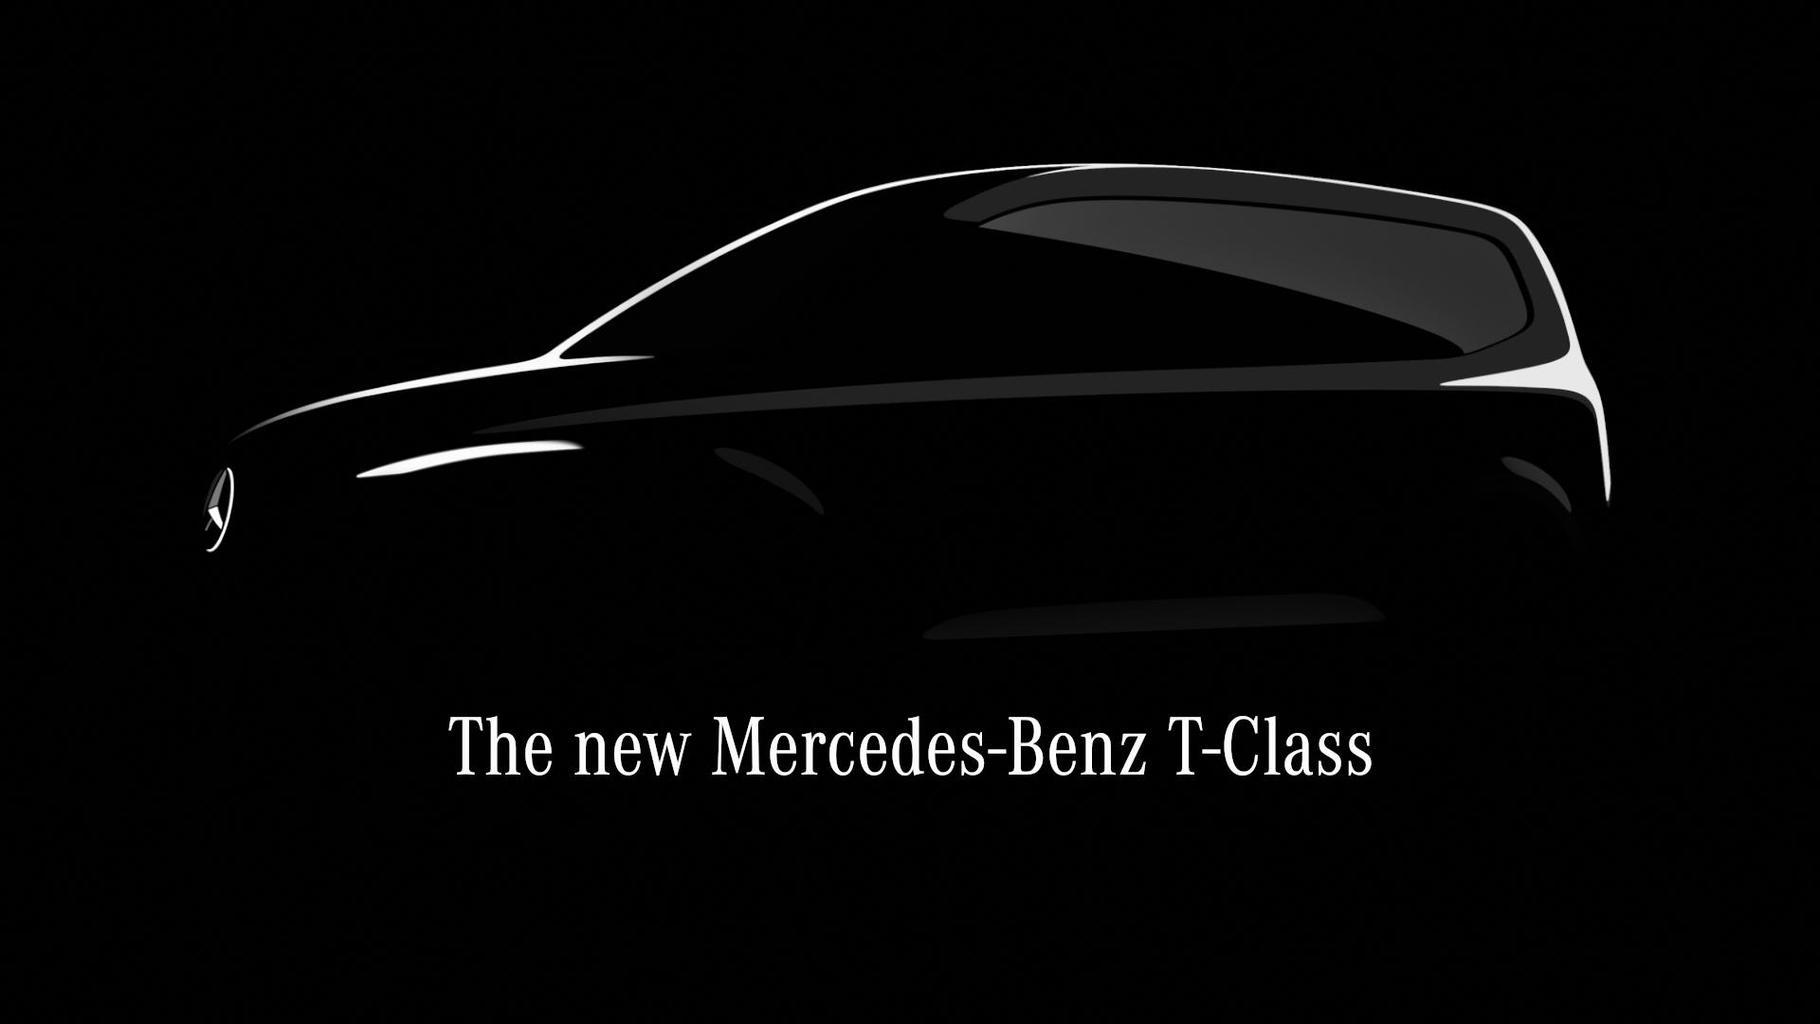 Mercedes-Benz T-Klasse: Erster vollelektrischer Small Vans vorgestellt